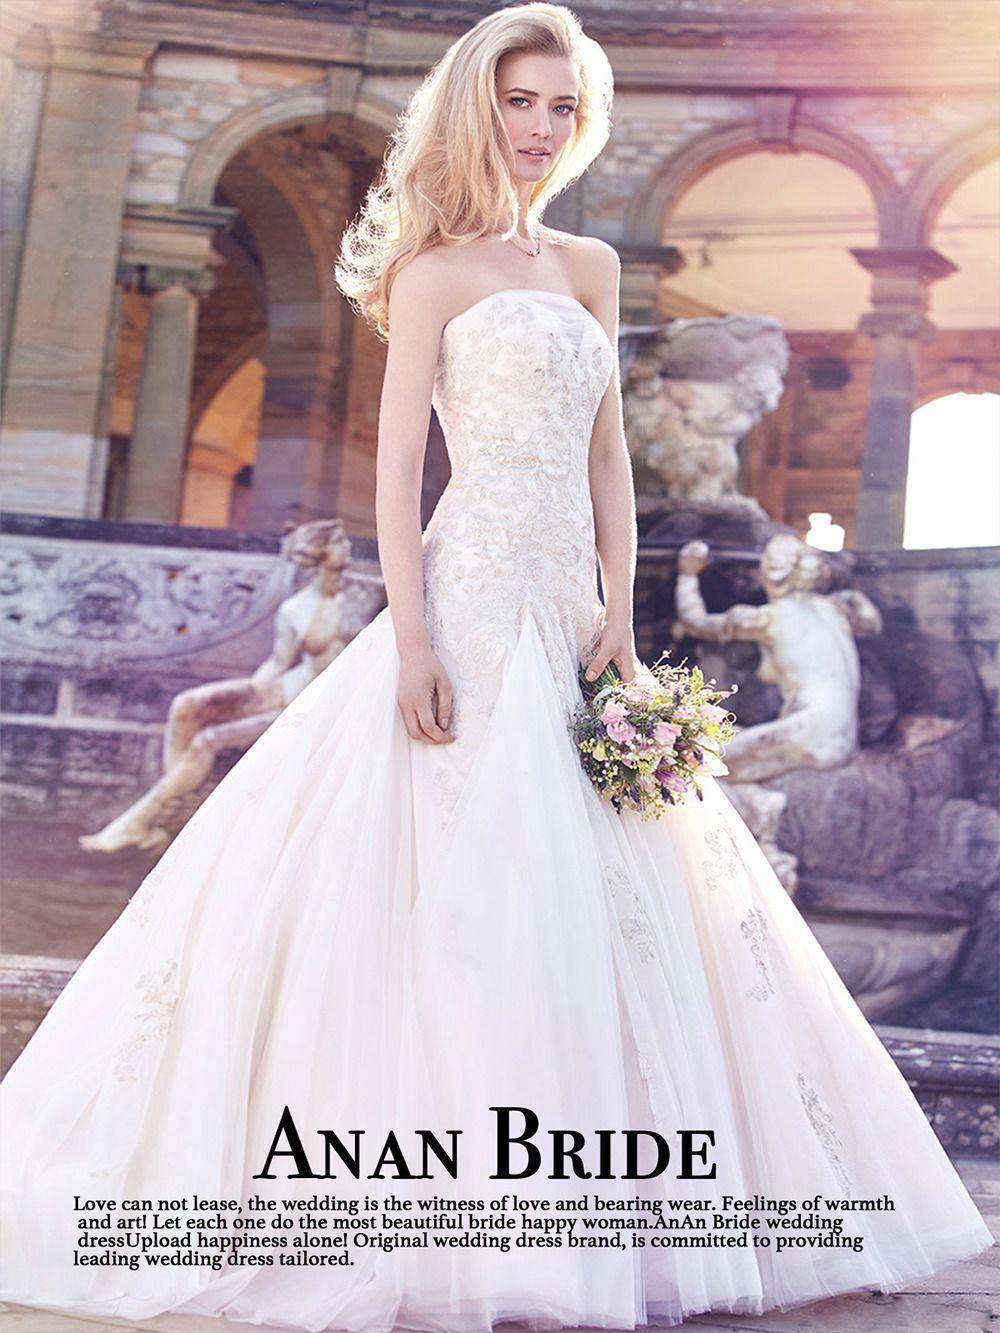 想知道《欢乐颂》中主角最适合什么婚纱吗?